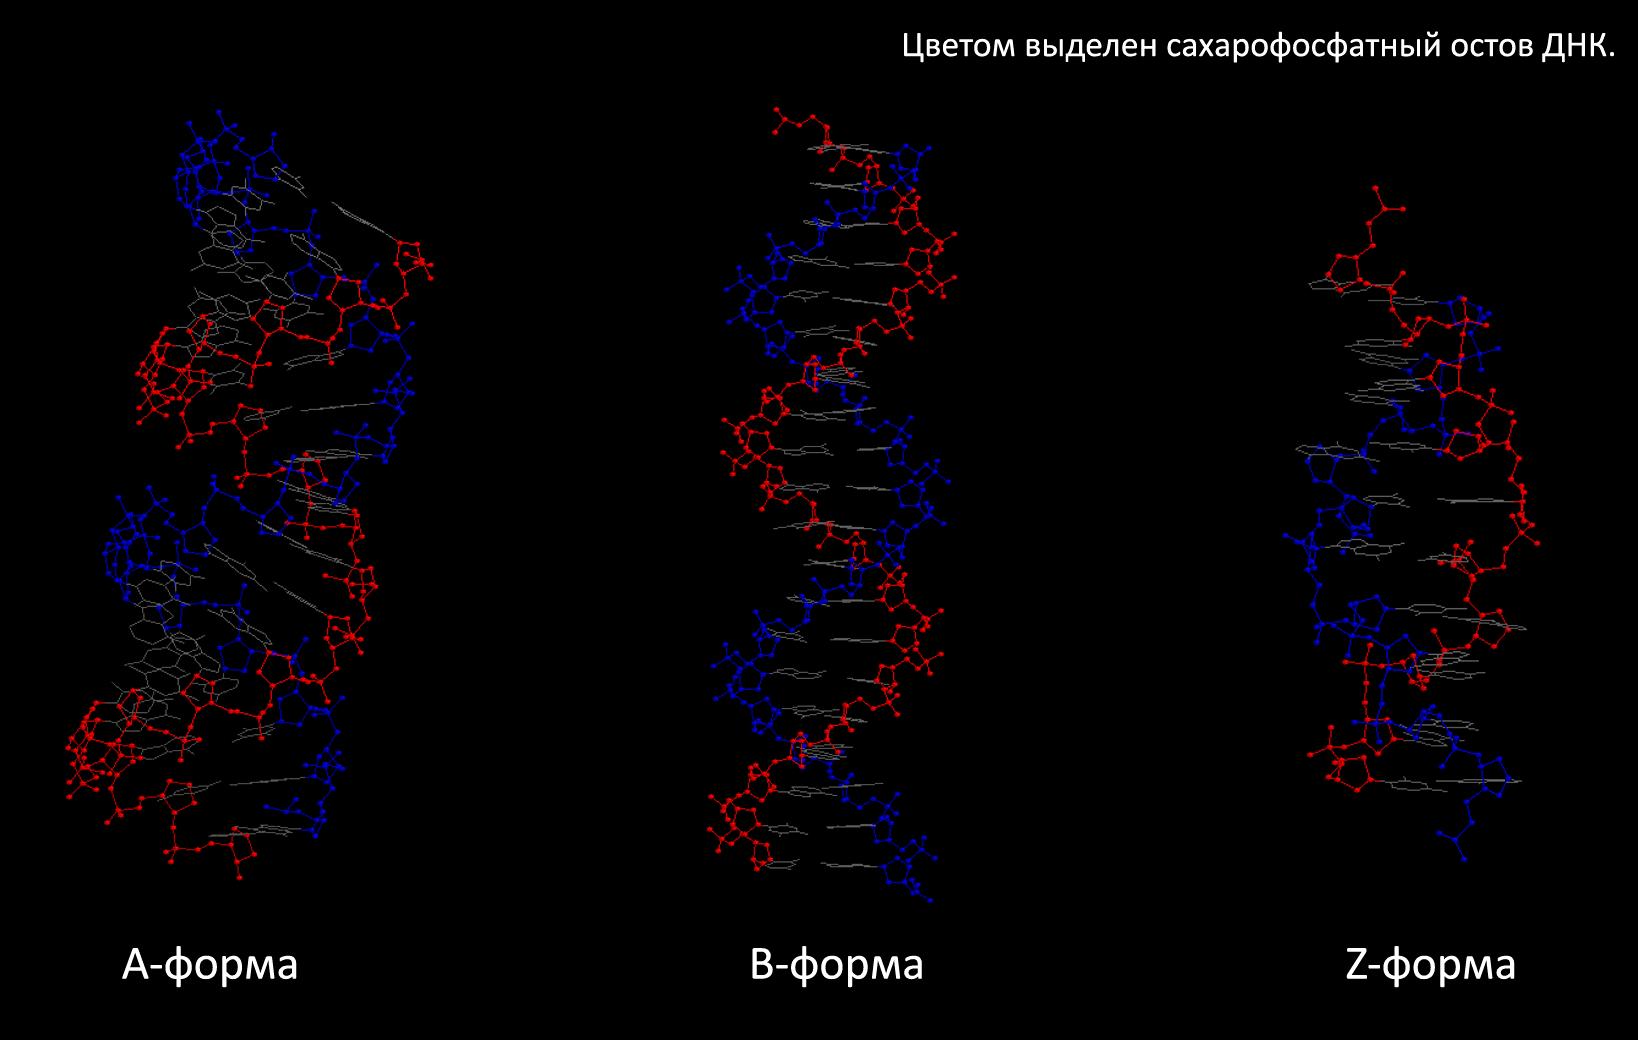 Сахарофосфаты